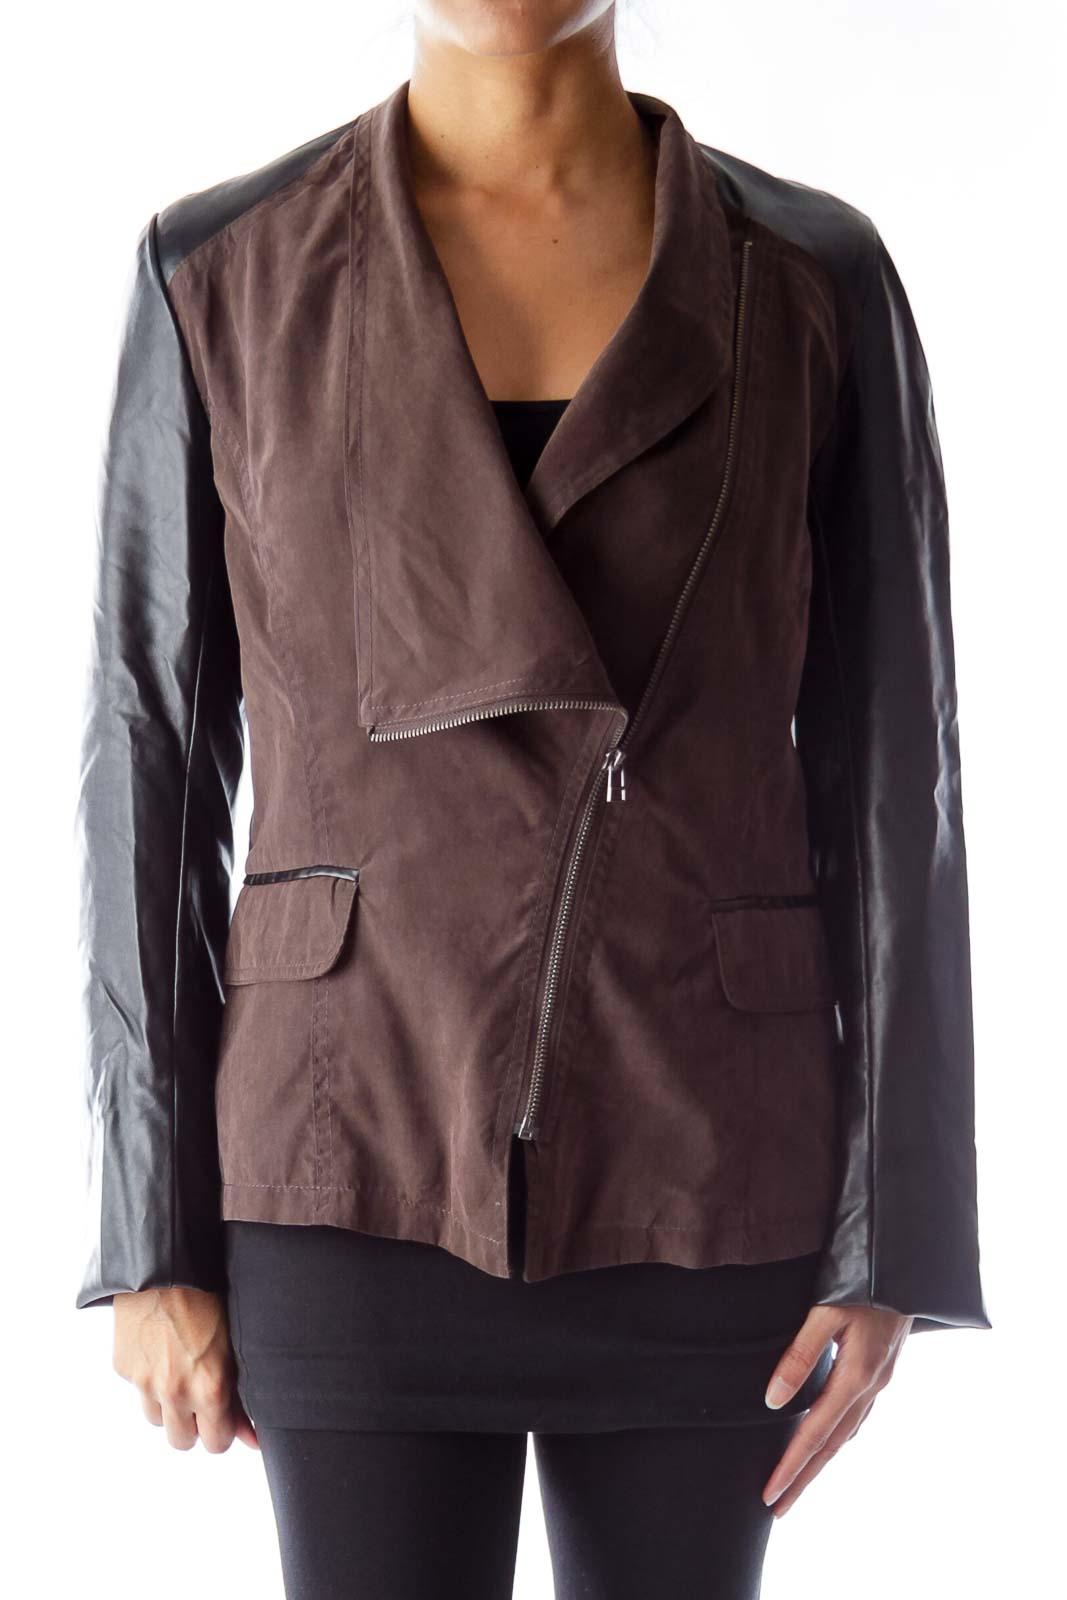 Black & Brown Jacket Front